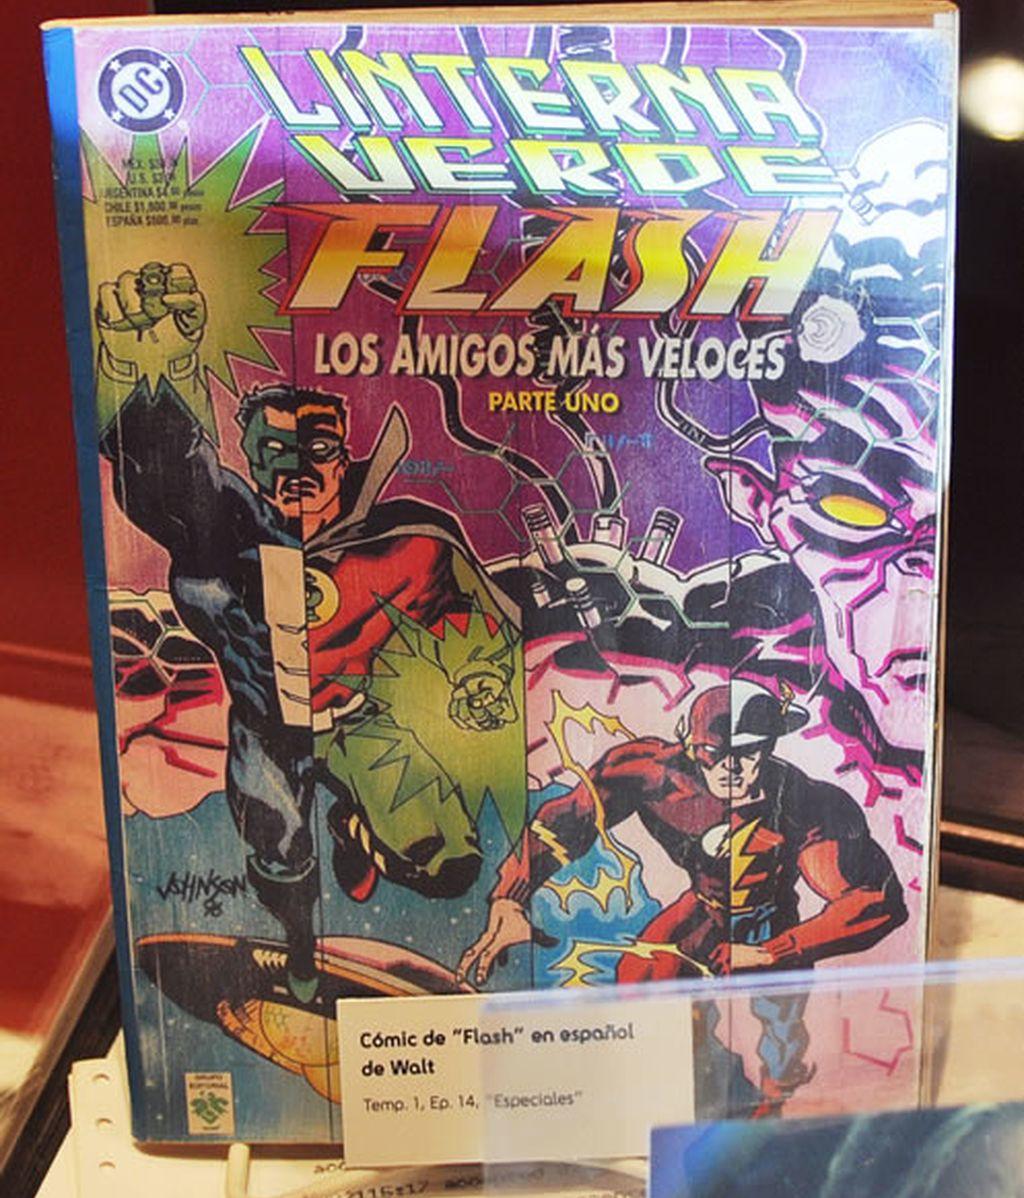 """Cómic de """"Flash"""" en español de Walt"""